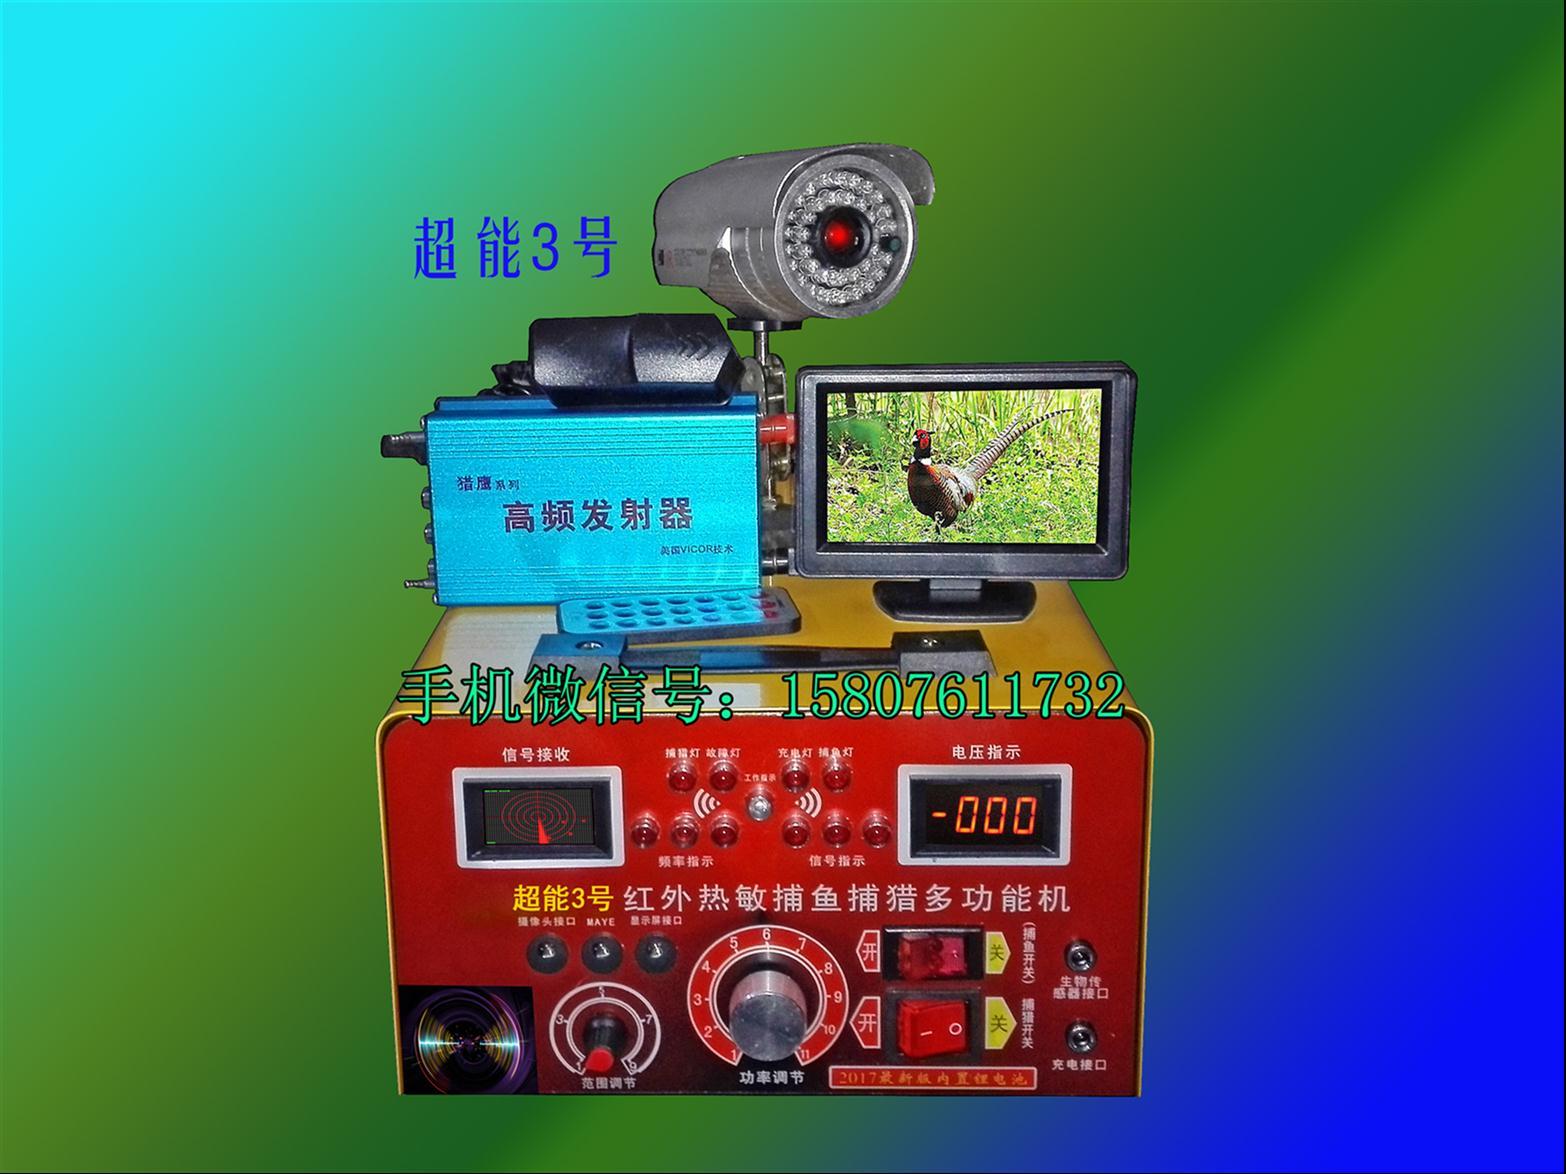 电子捕猎机器厂家 广东电子捕猎机器 重点推荐 超能